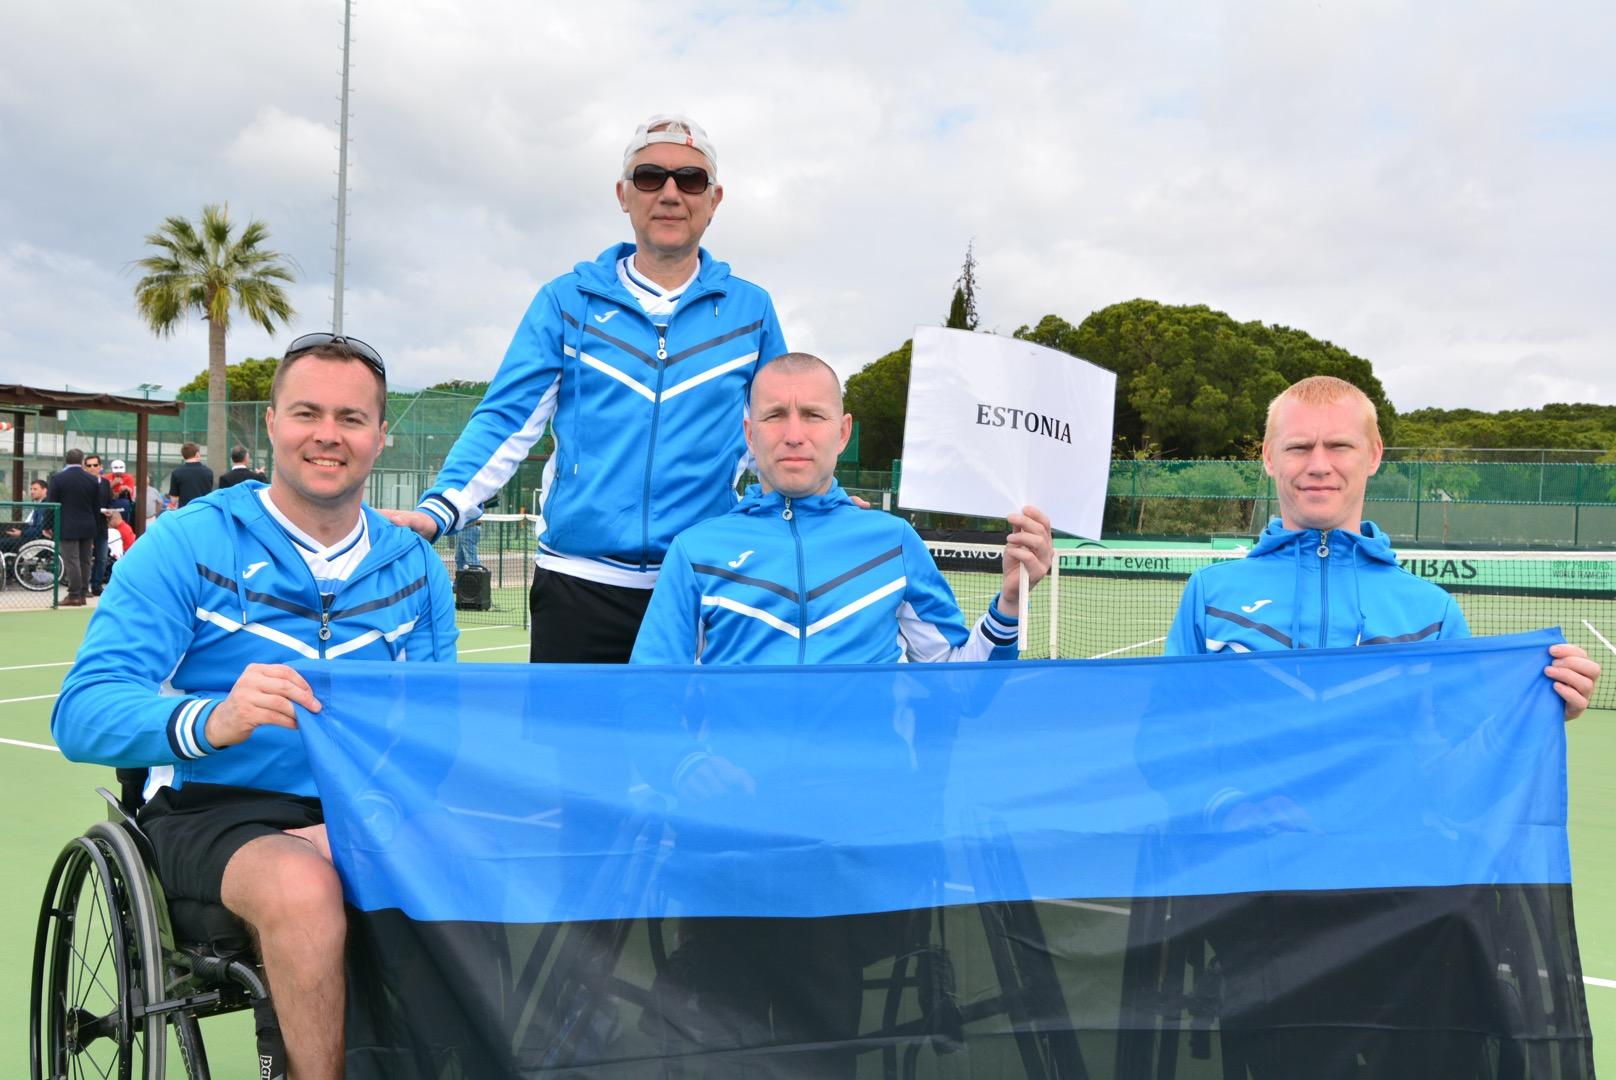 Eesti ratastoolitennisistid alustavad võitlust suurvõistluse pääsme eest